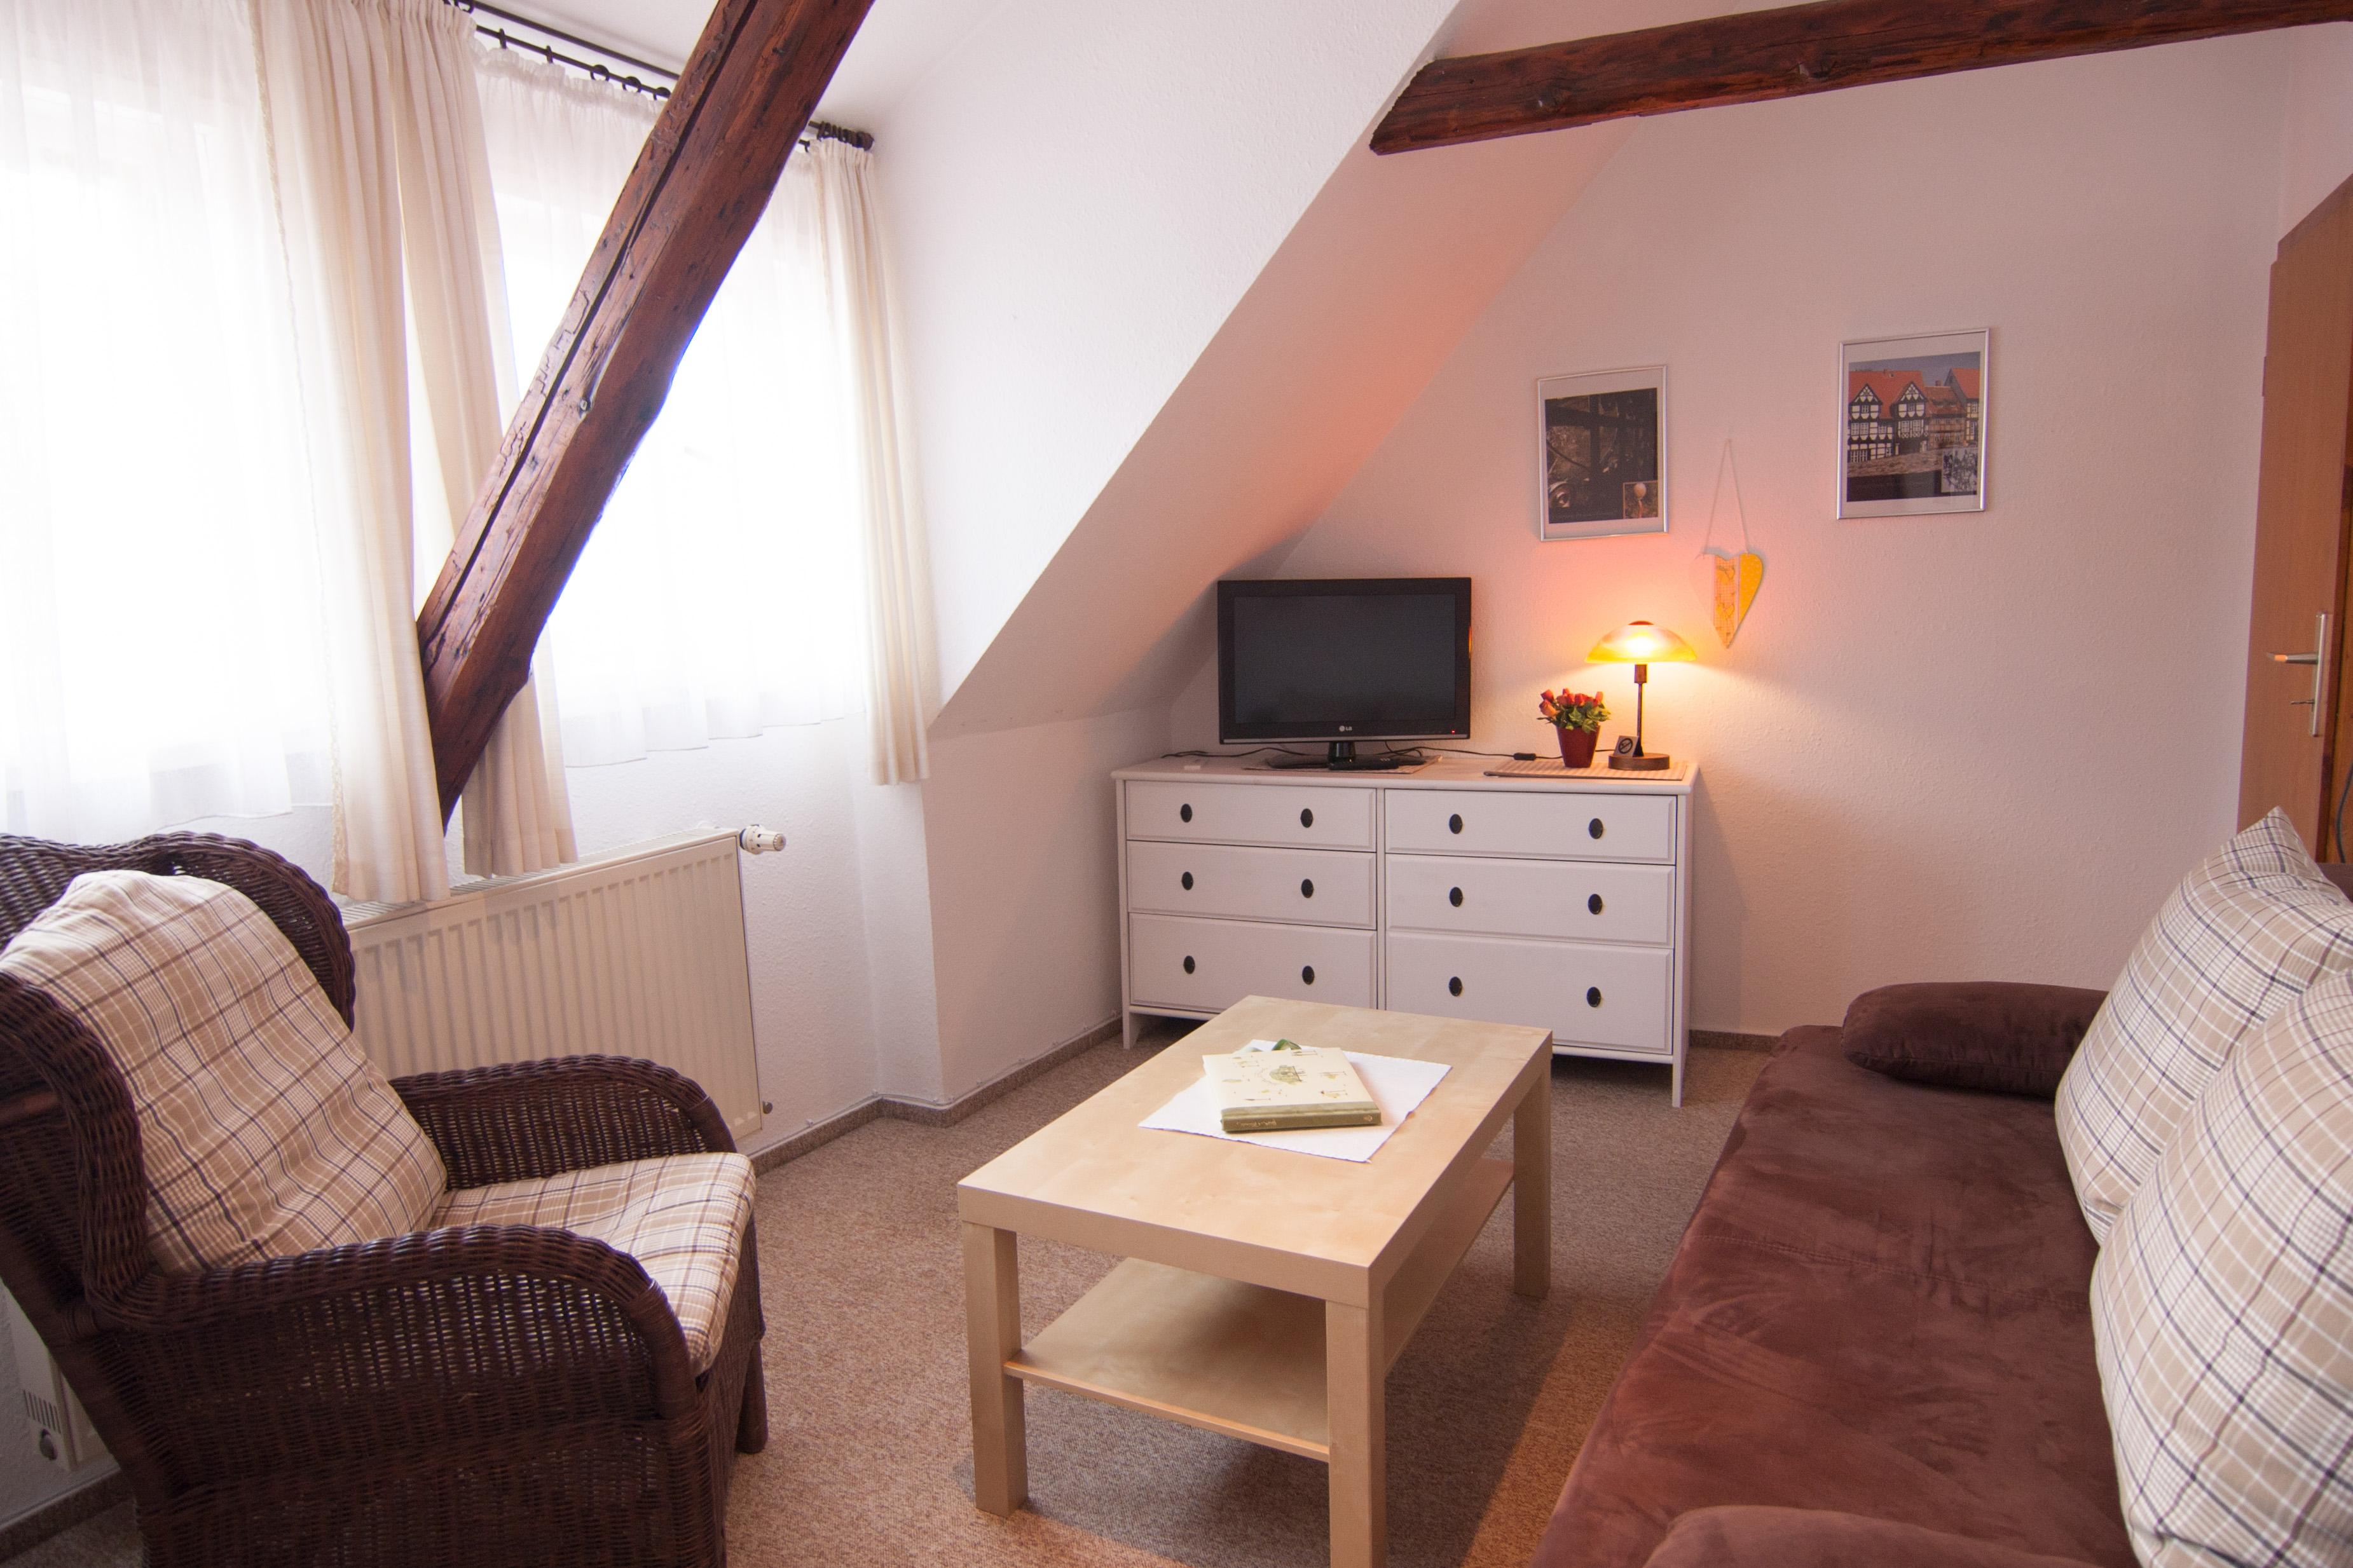 ferienwohnung im dachgescho mit dachterrasse in der ballstra e. Black Bedroom Furniture Sets. Home Design Ideas